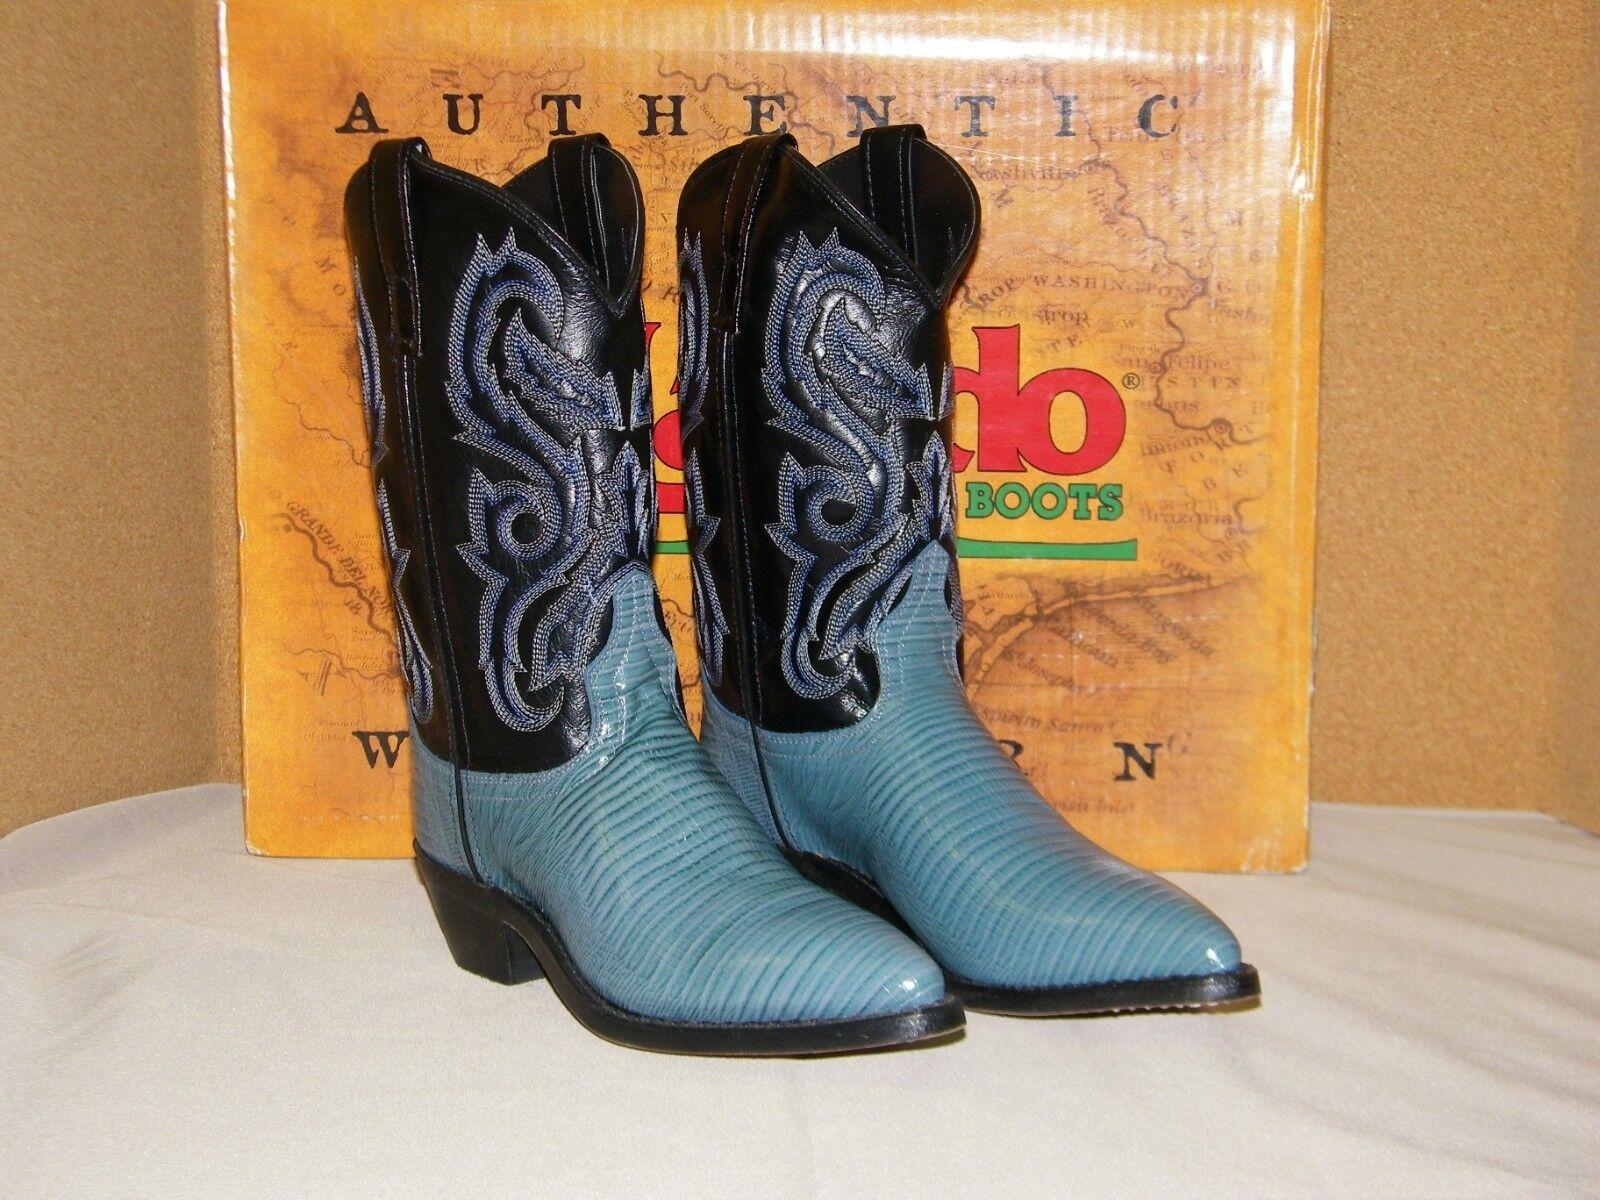 Larojoo para mujer joven joven joven Azul Lagarto grabado en punta de cuero botas de Vaquero 6-1 2M  todos los bienes son especiales